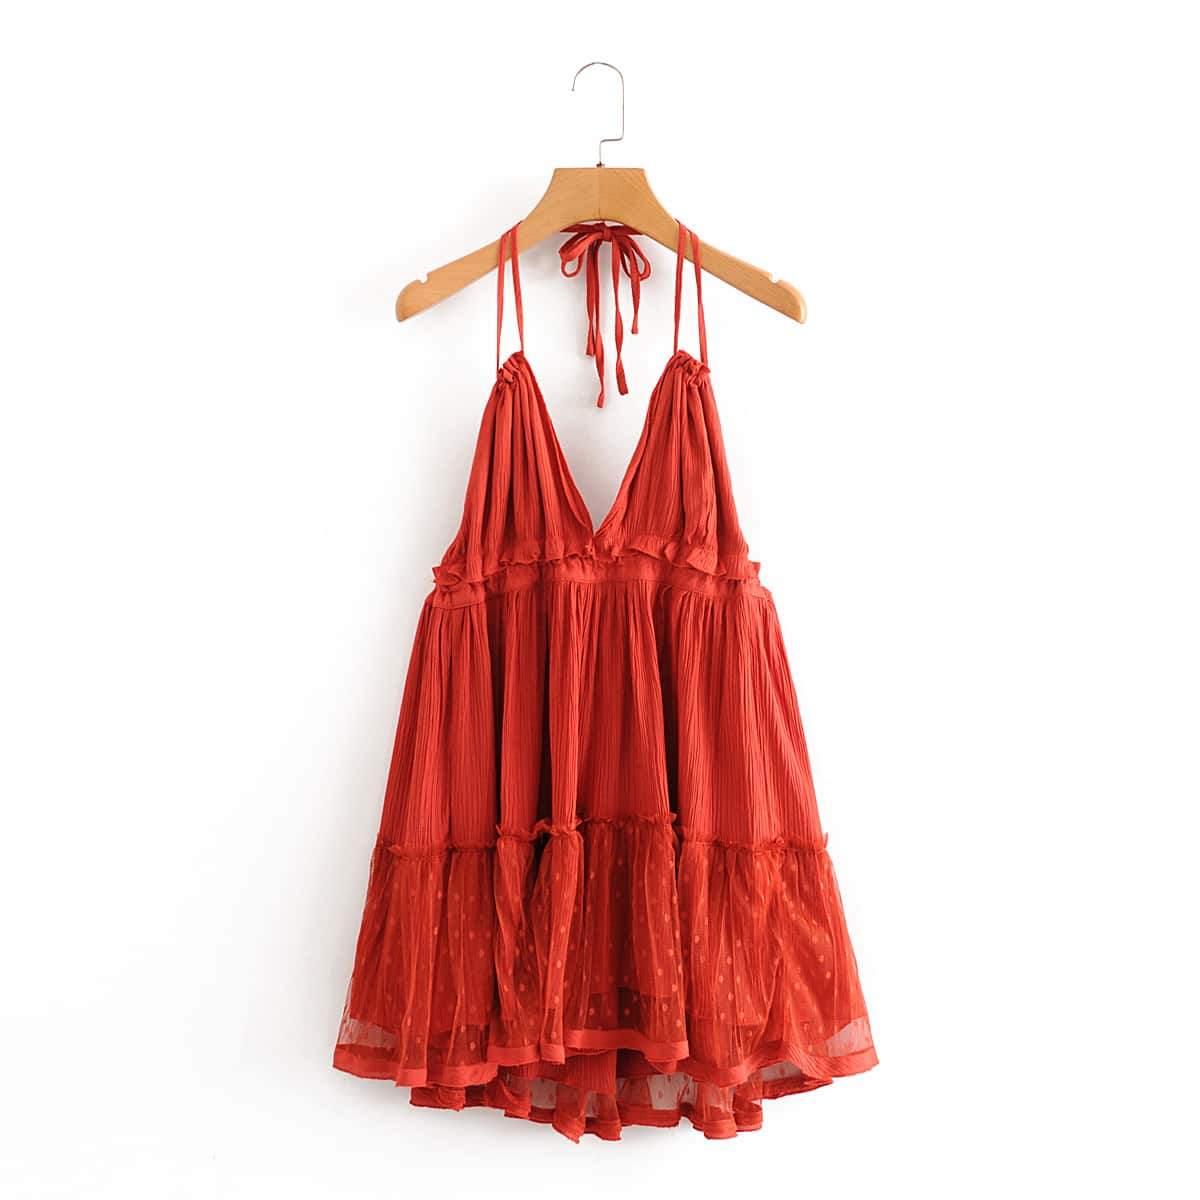 Многослойное платье-халтер с открытой спиной